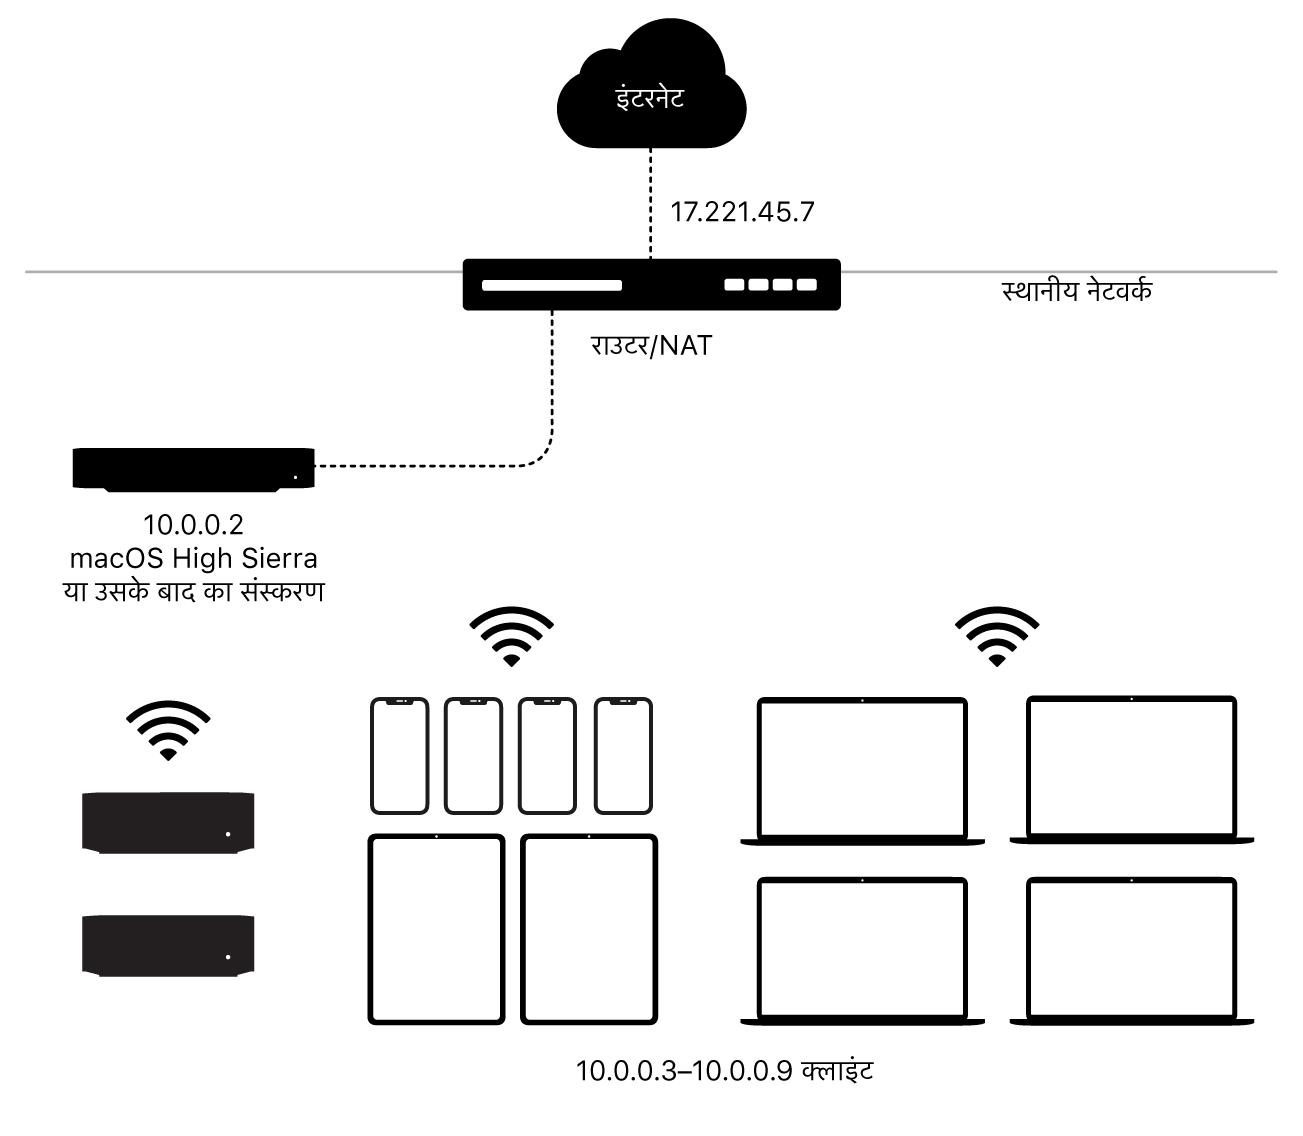 सिंगल सबनेट कैशिंग सर्वर